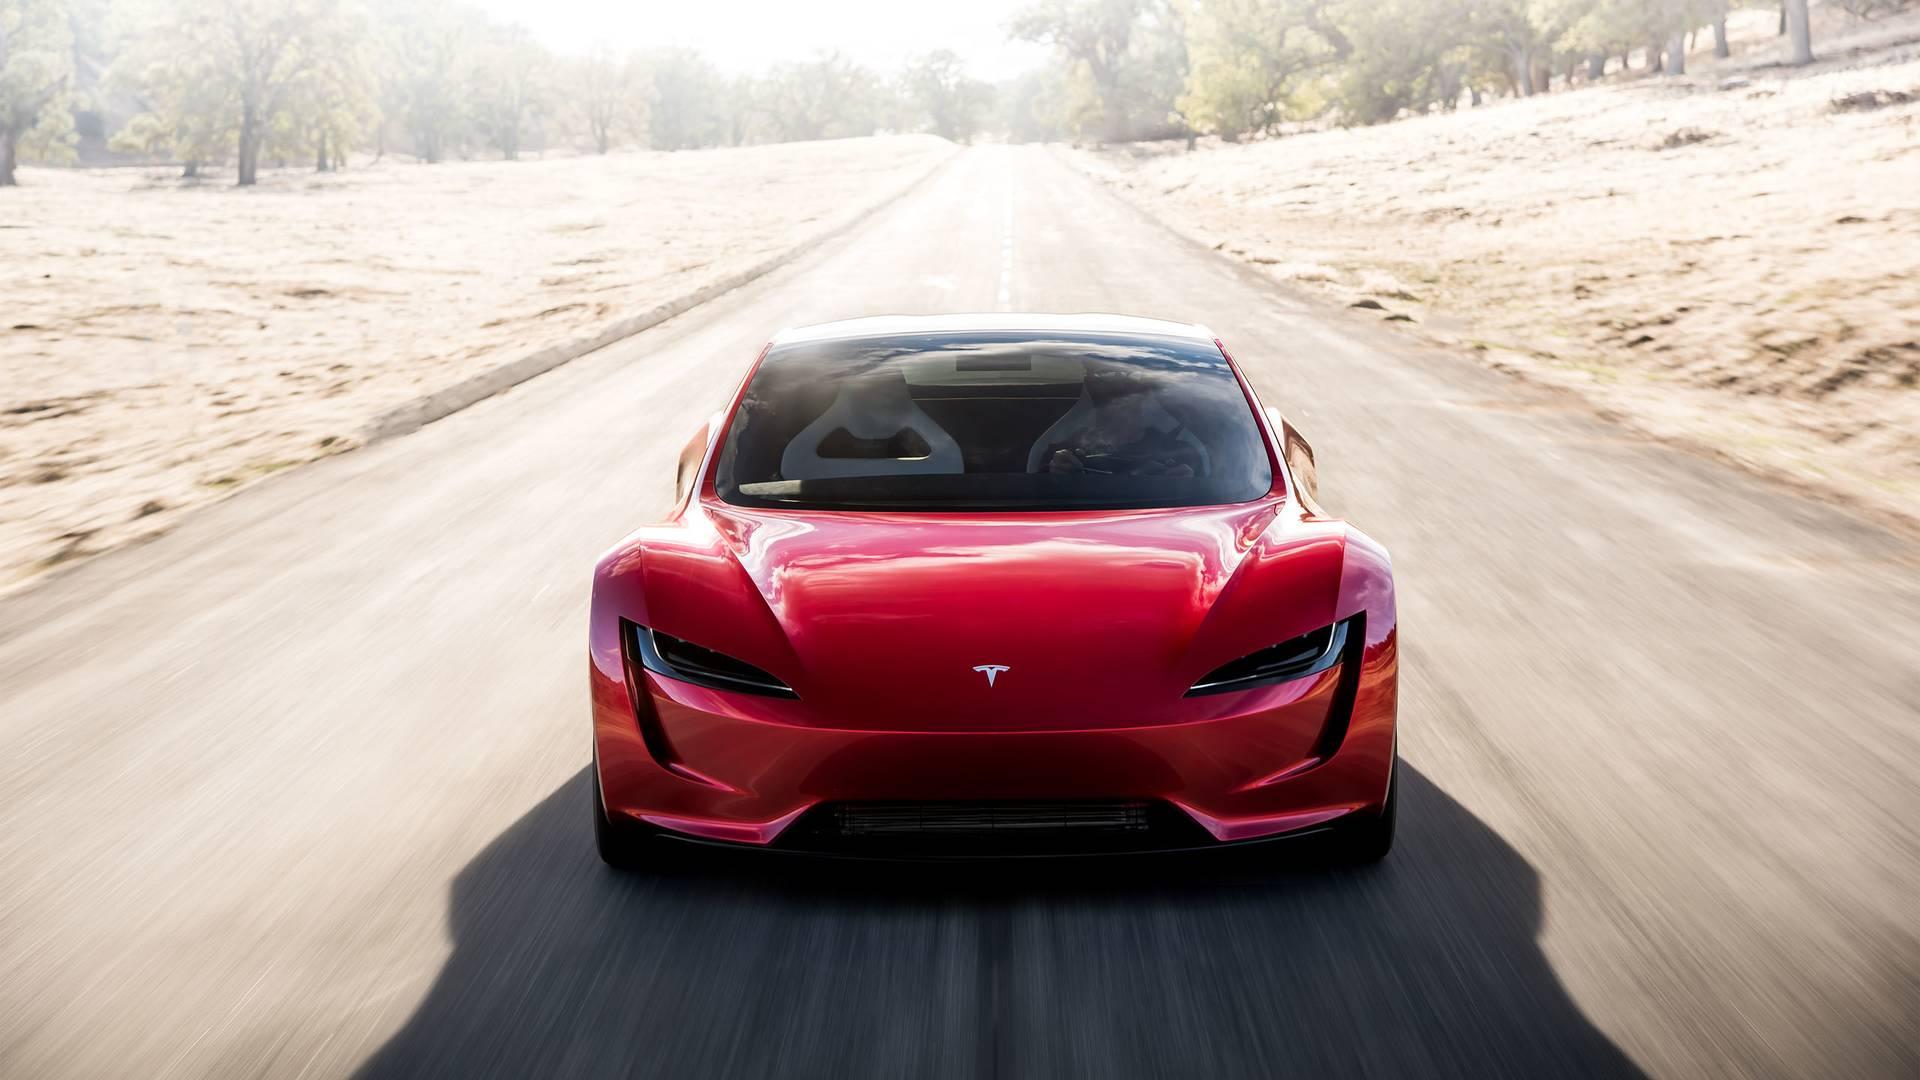 Представлена тарга Tesla Roadster савтономным пробегом 1 000 км— Сюрприз